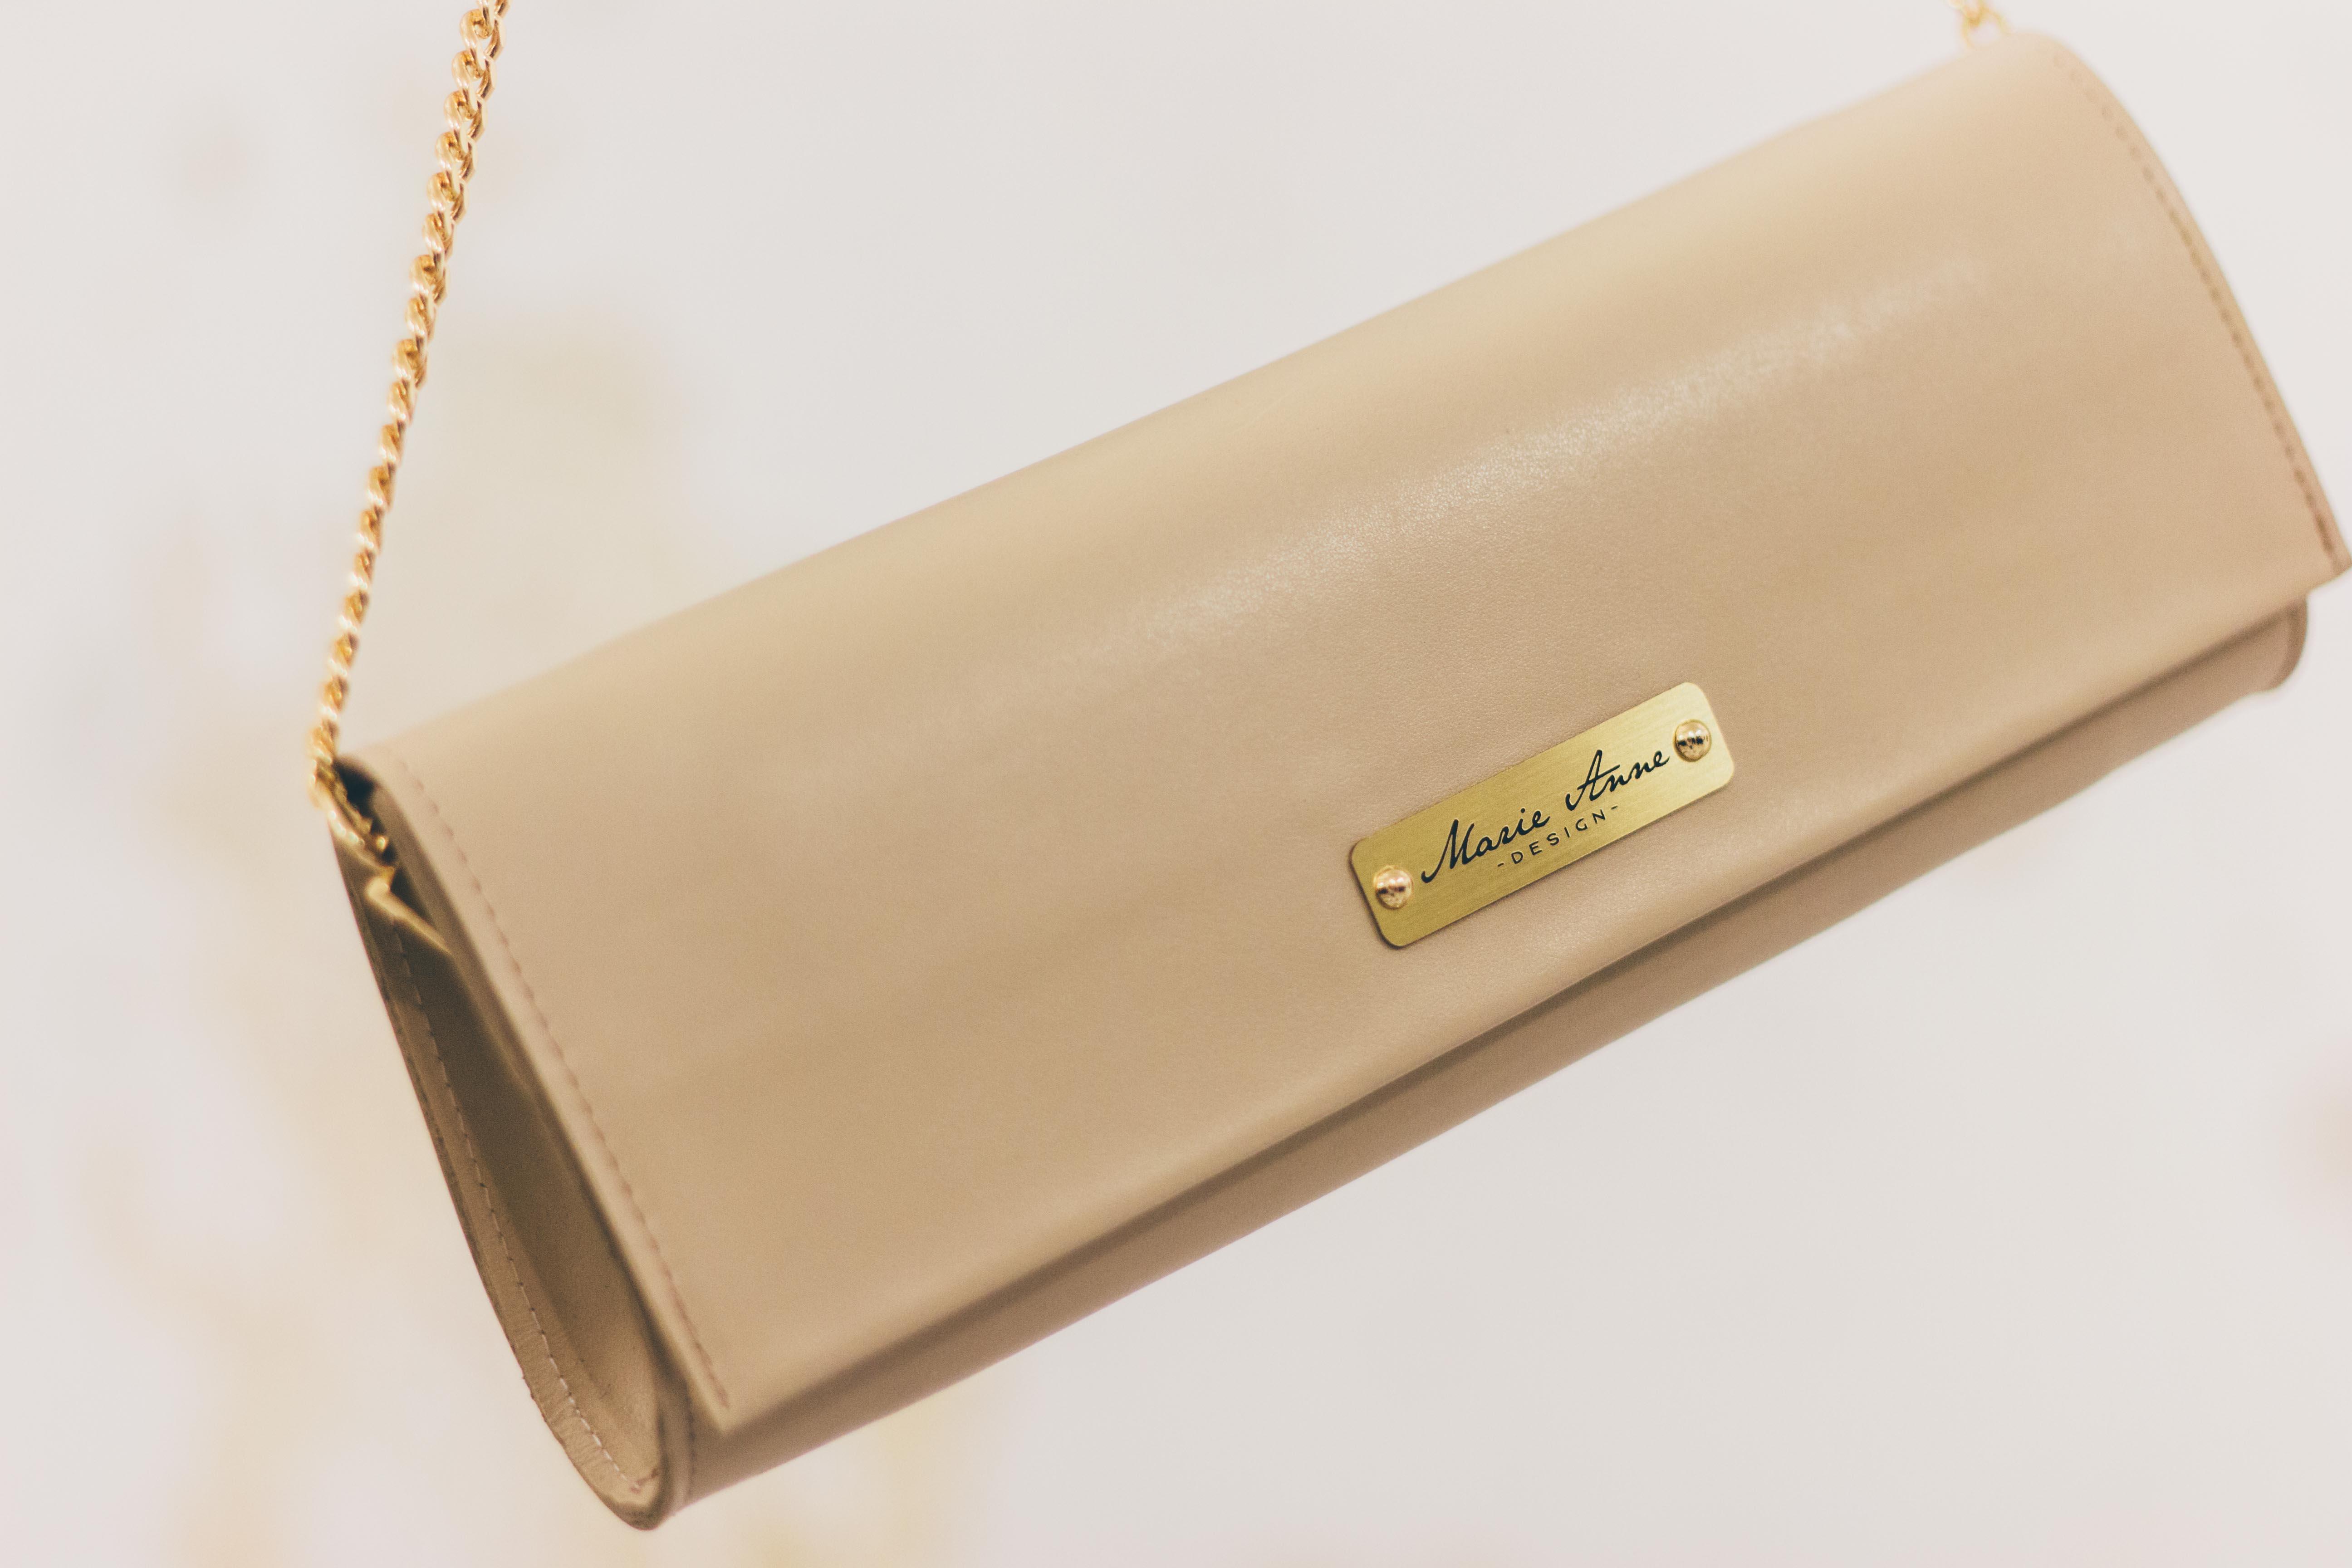 A nagybetűs NŐ kiegészítői - táskák a Marie Anne Design-tól - Colorcam 88fa895baa